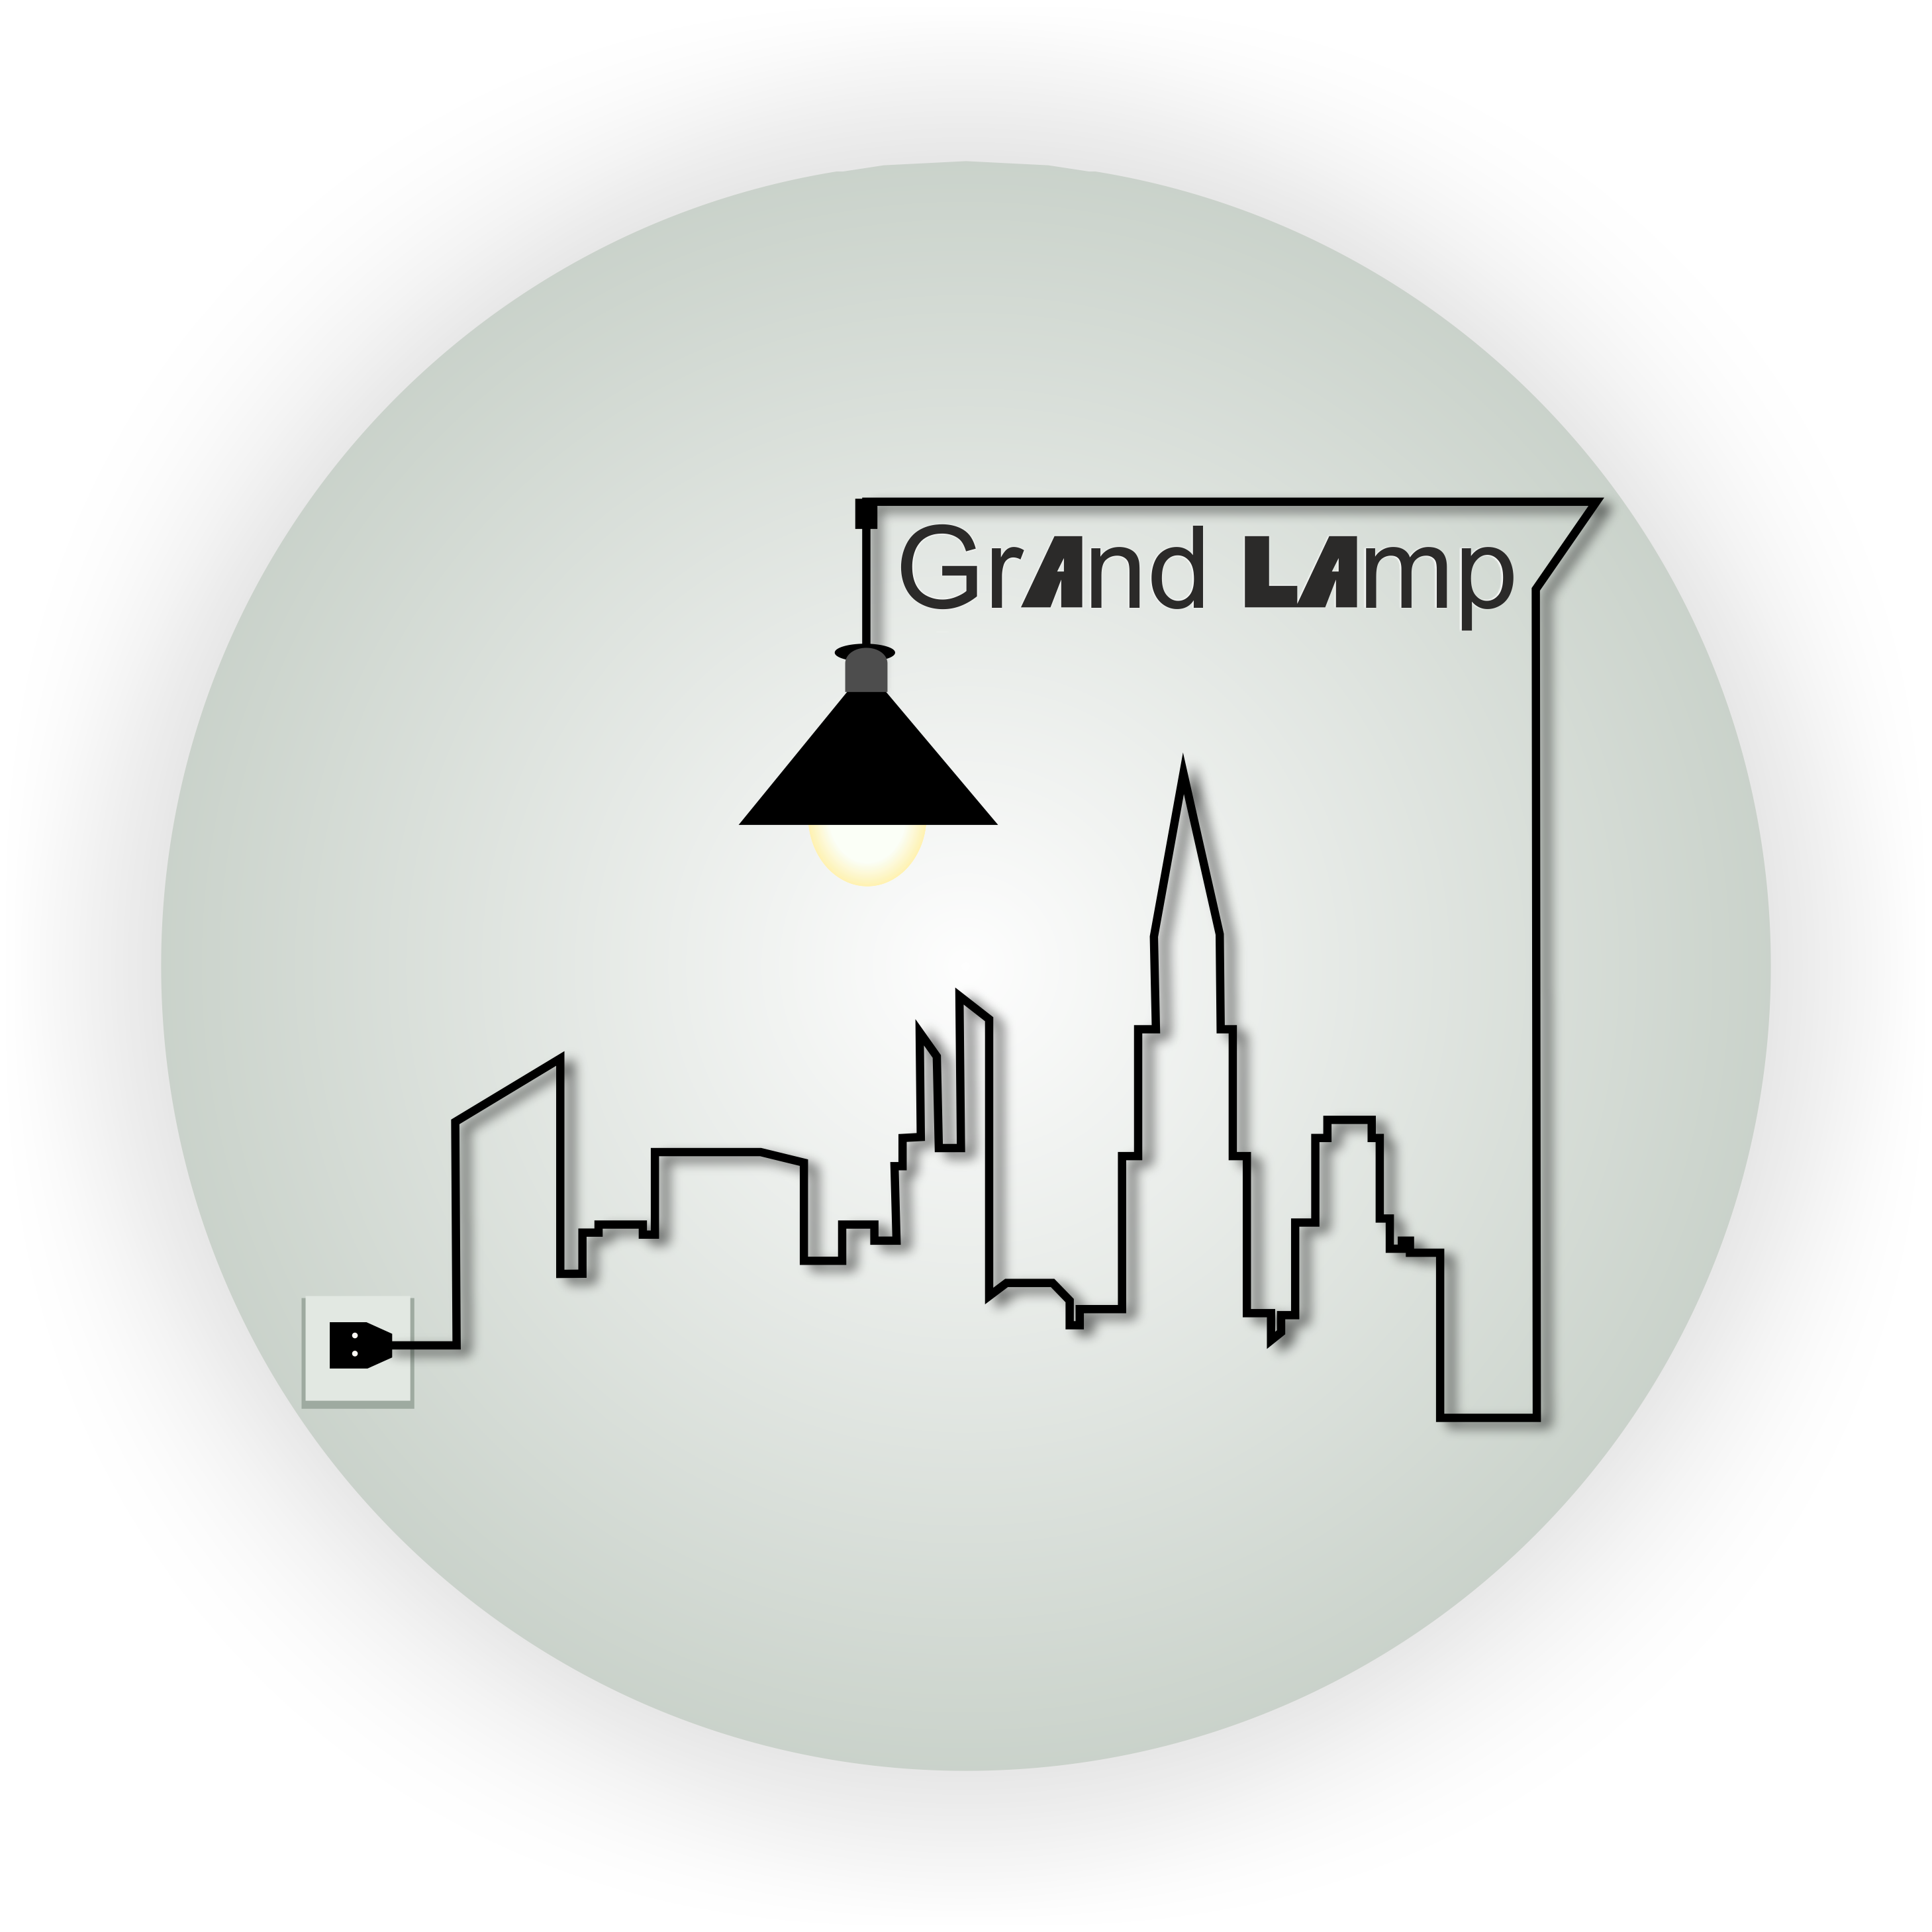 Разработка логотипа и элементов фирменного стиля фото f_37557f1871081774.png